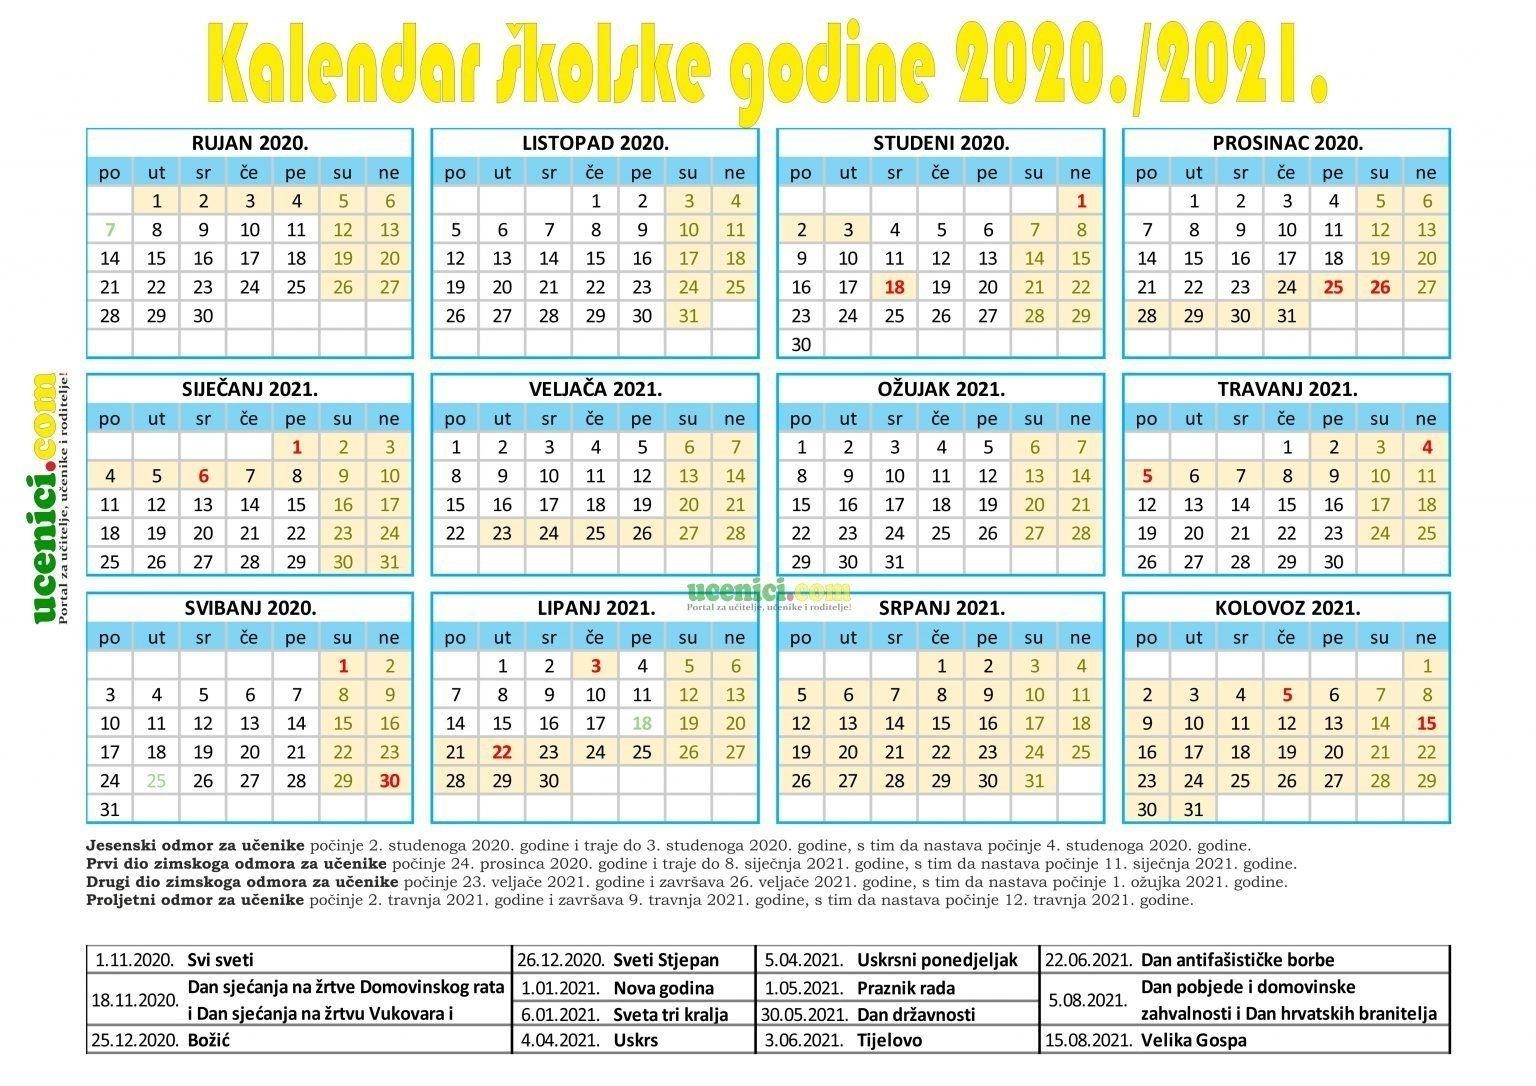 Take Kalendar Kuda 2021